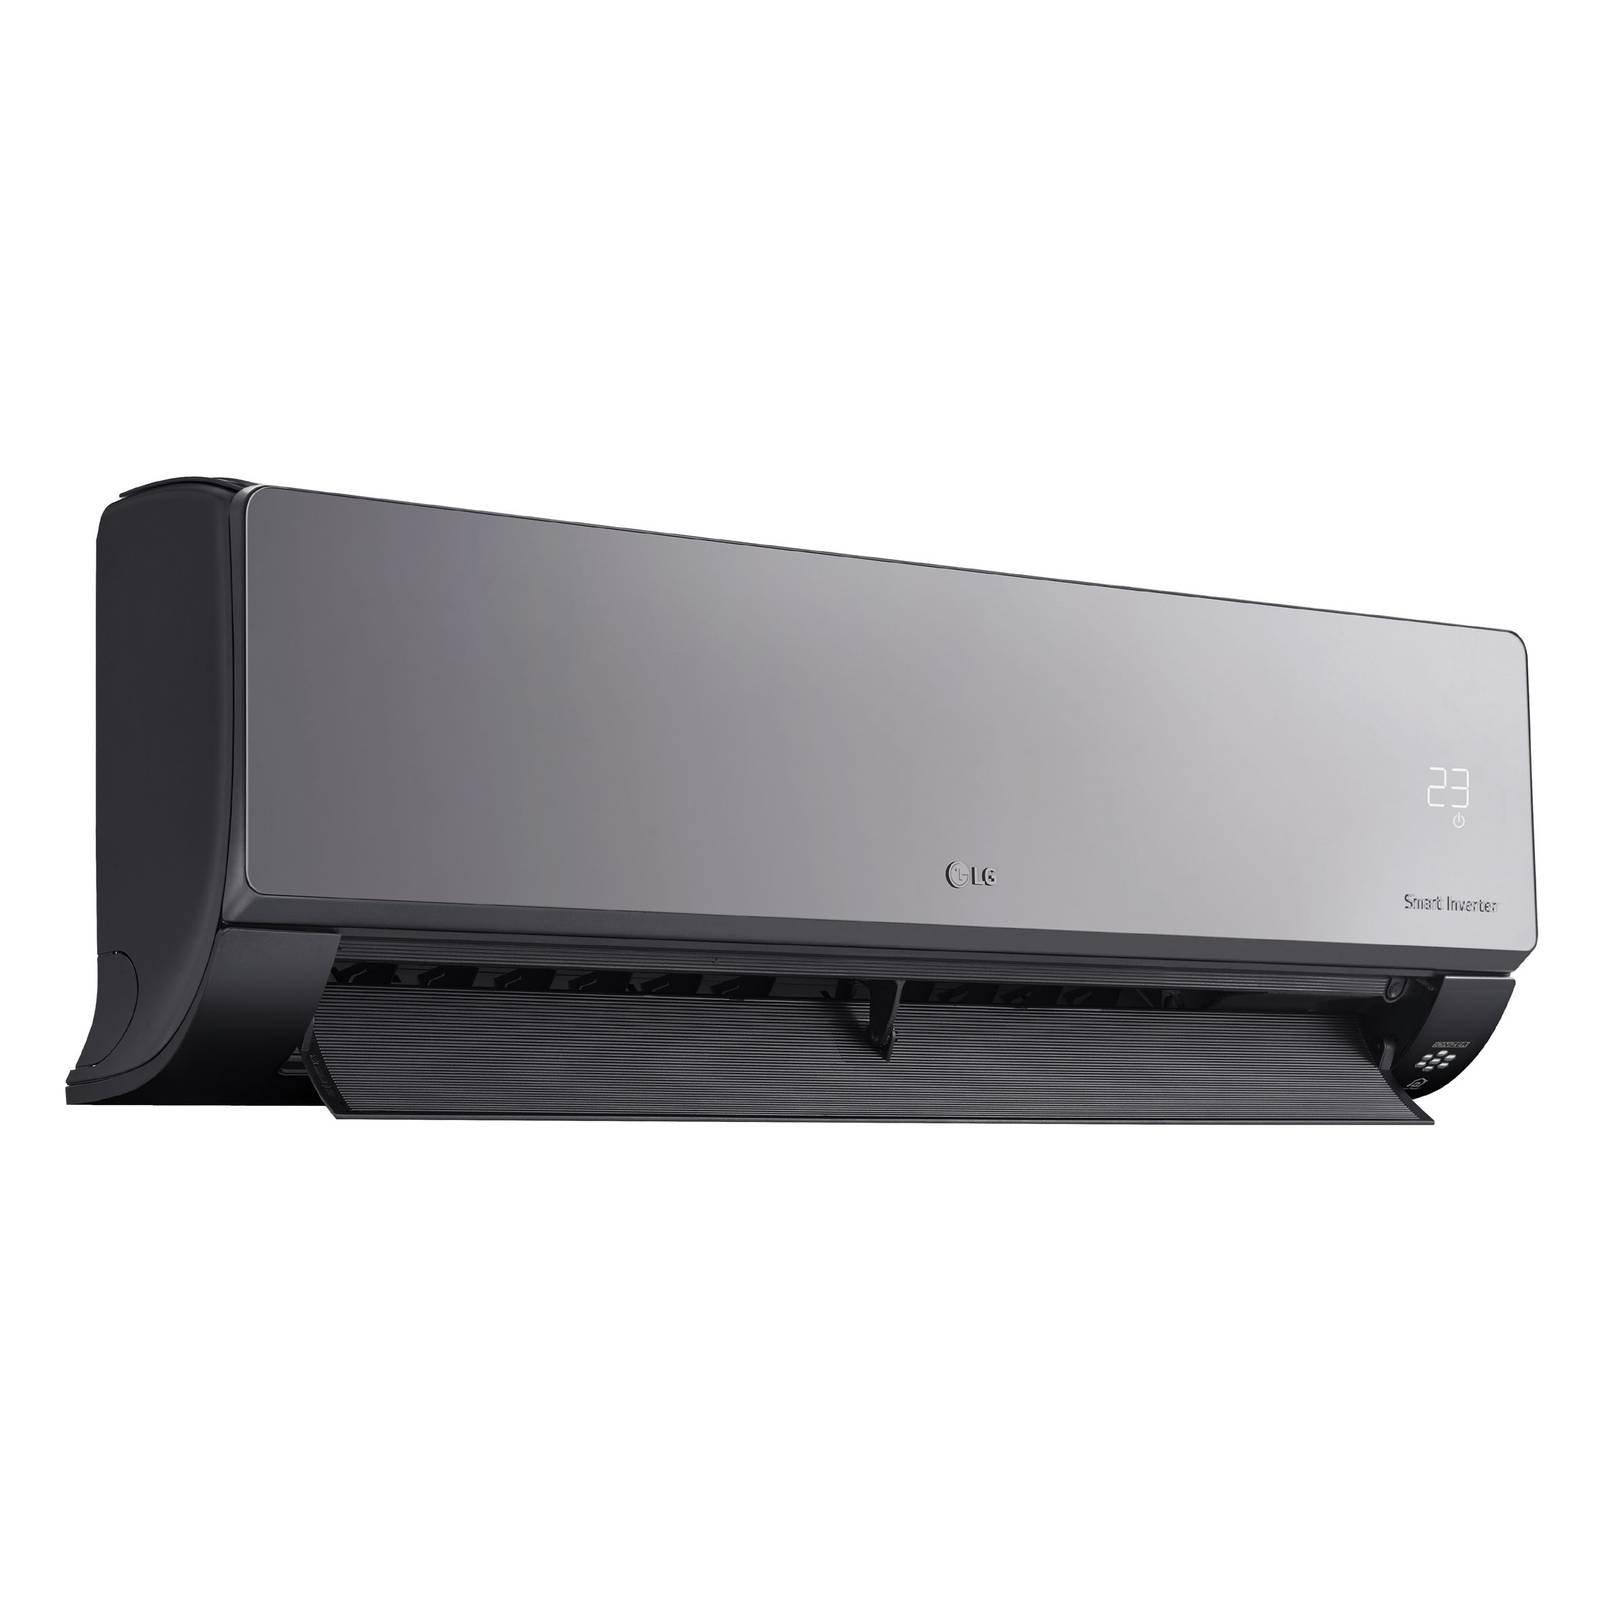 Dotato Di Compressore Smart Inverter, Artcool Di Lg, Ha Funzione Che  Permette Di Monitorare I Livelli Di Consumo Direttamente Dal Display  Dellu0027unità Interna ...